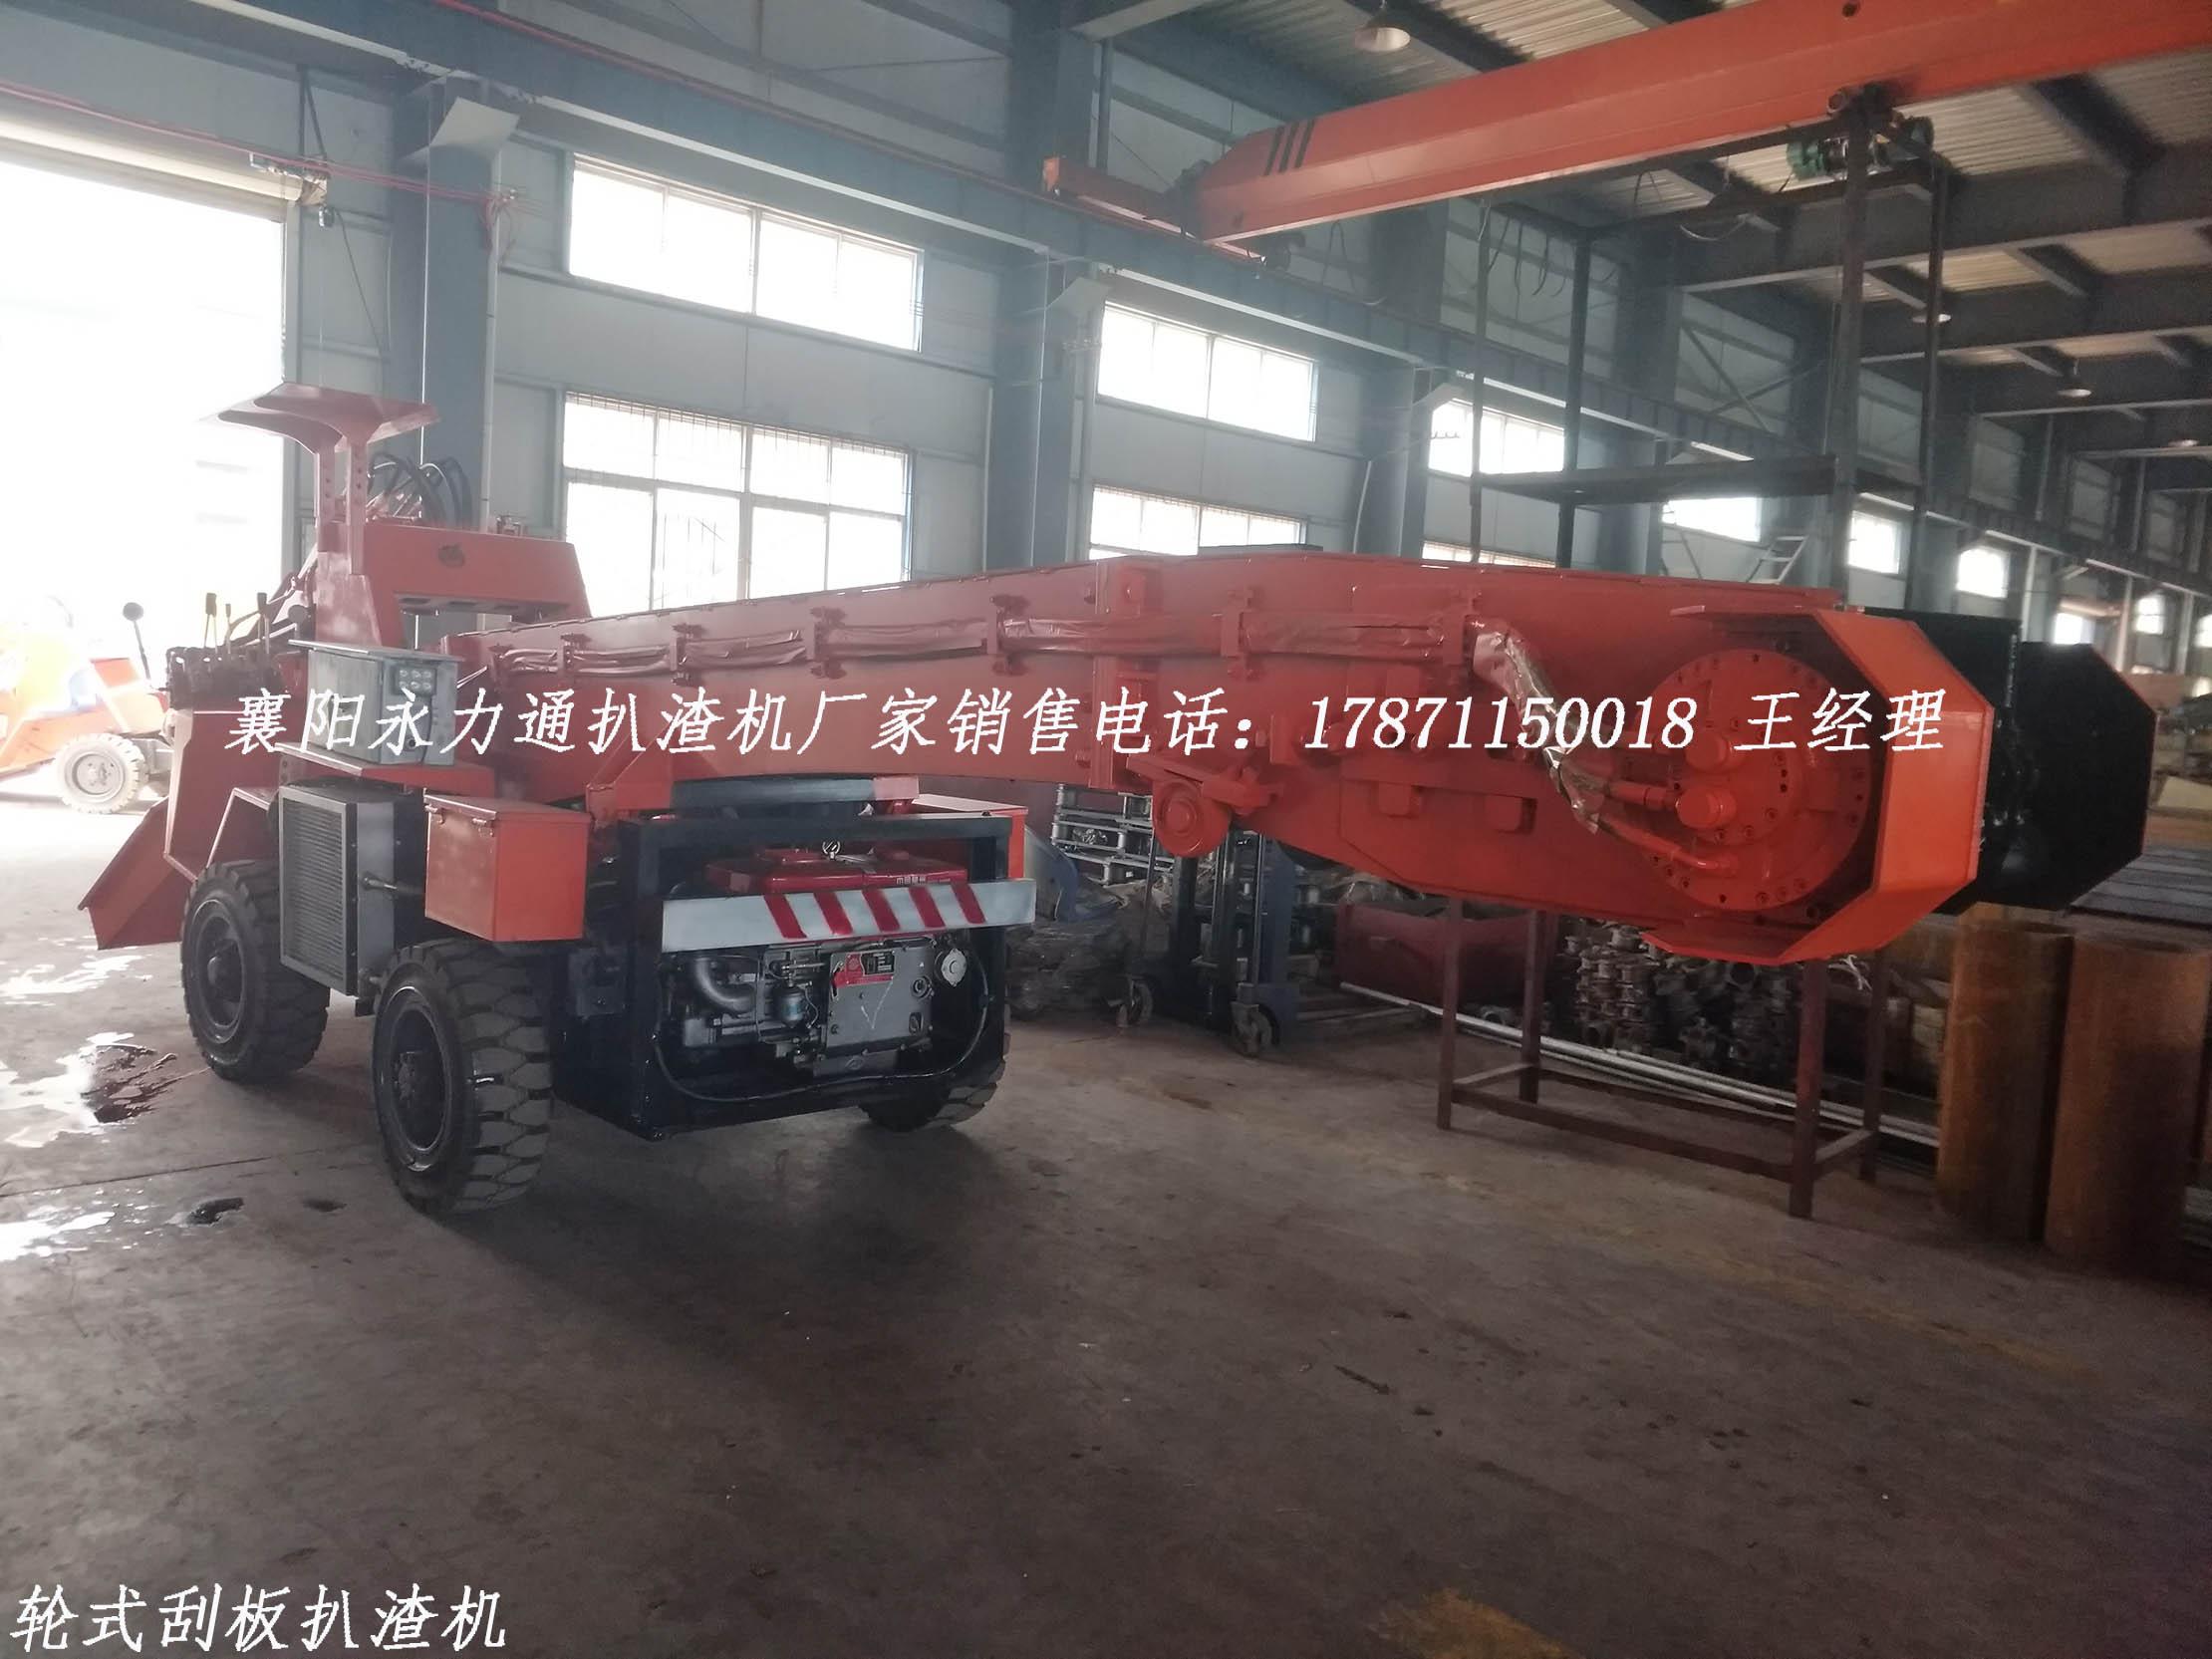 湖南80型轮式刮板扒渣机厂家